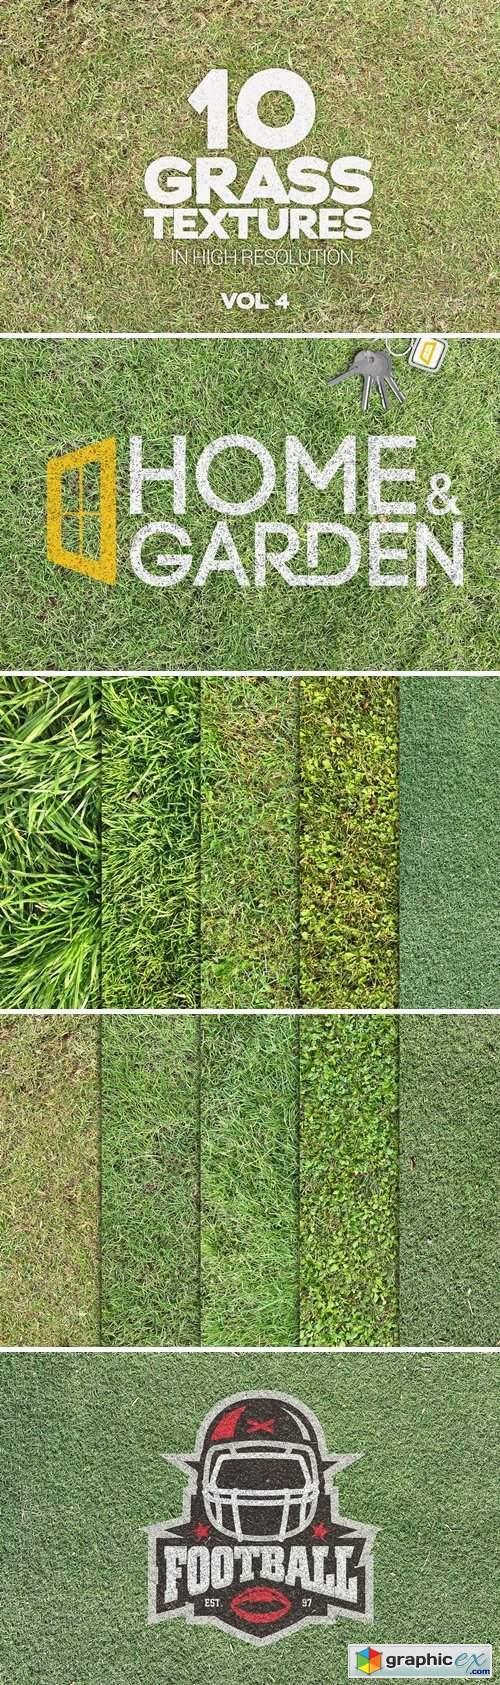 Grass Textures x10 Vol 4